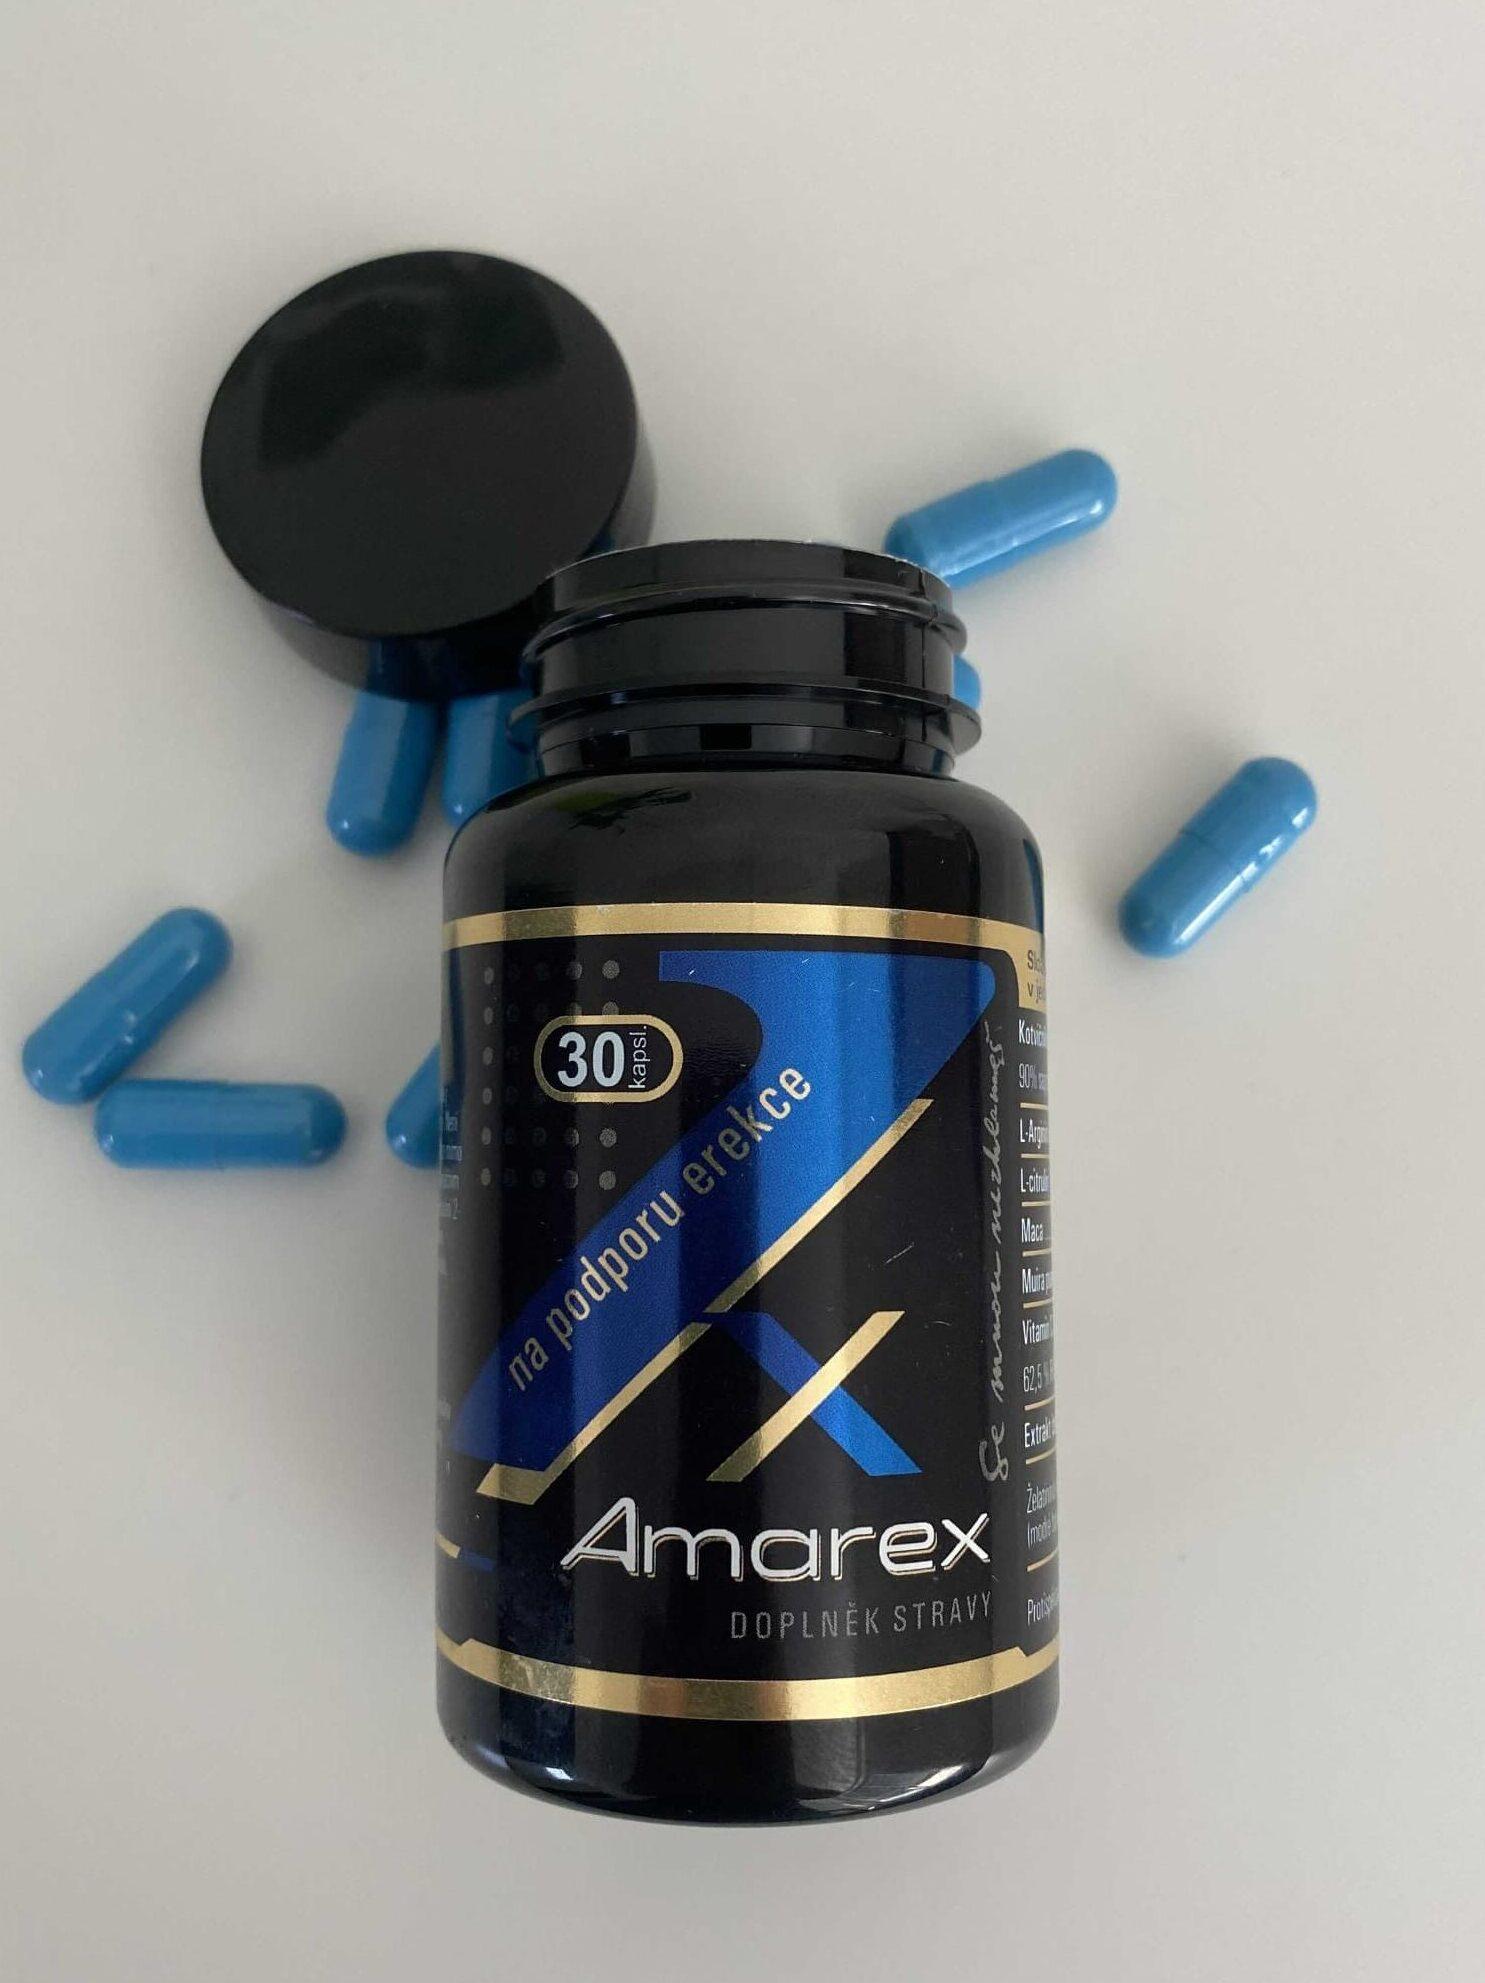 Amarex recenze